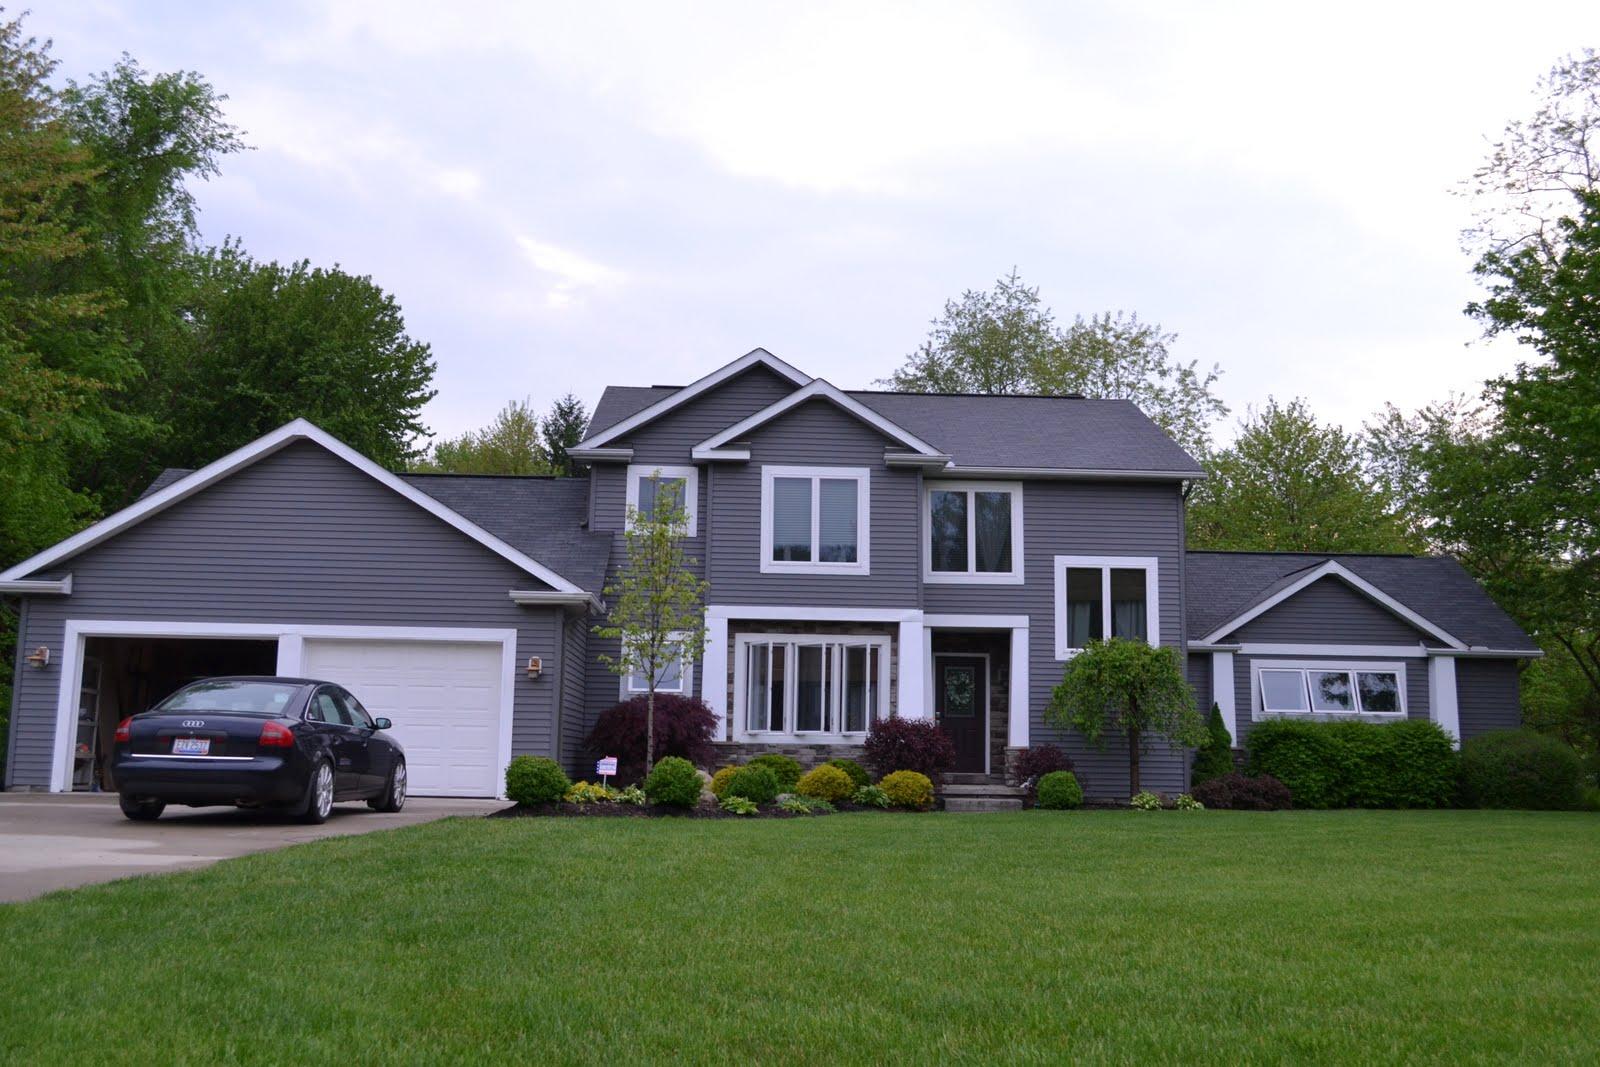 De jong dream house exterior - White house gray trim ...